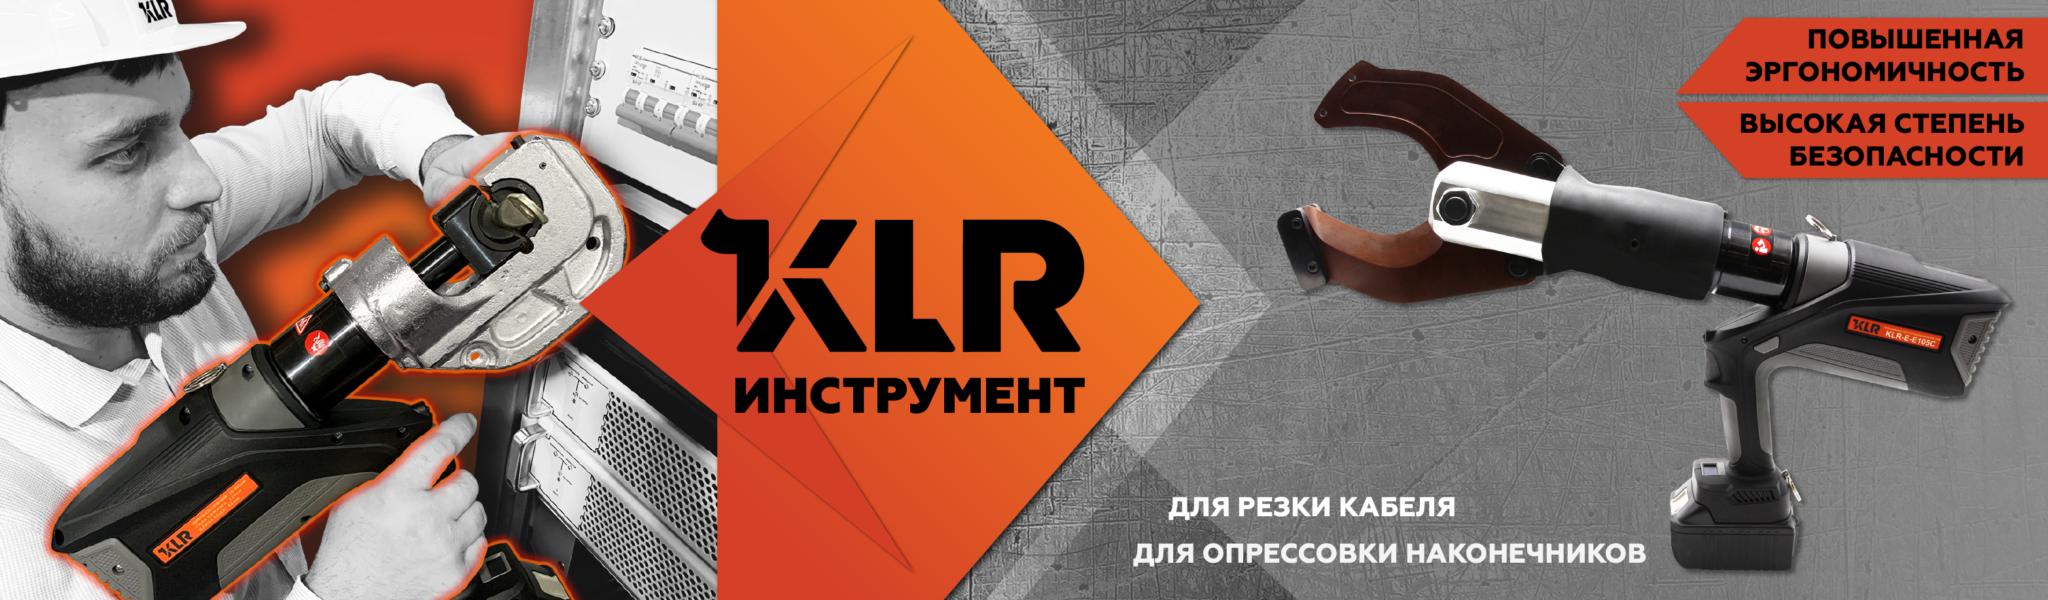 KLR - Кабельный инструмент